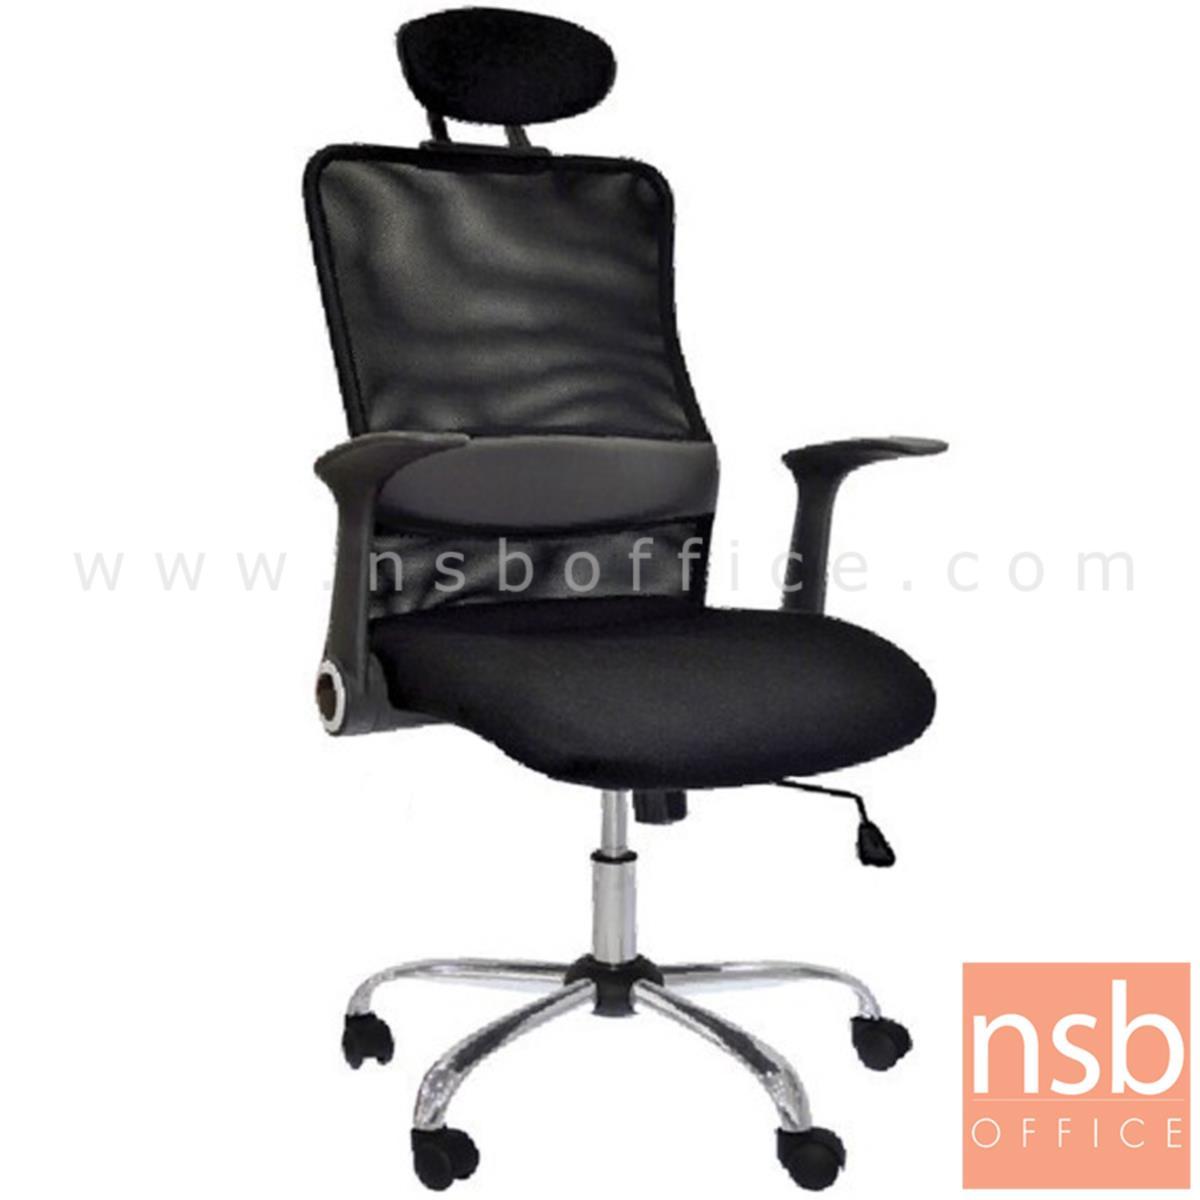 B24A129:เก้าอี้ผู้บริหารหลังเน็ต รุ่น Givova (จีโวว่า)  โช๊คแก๊ส มีก้อนโยก ขาเหล็กชุบโครเมี่ยม